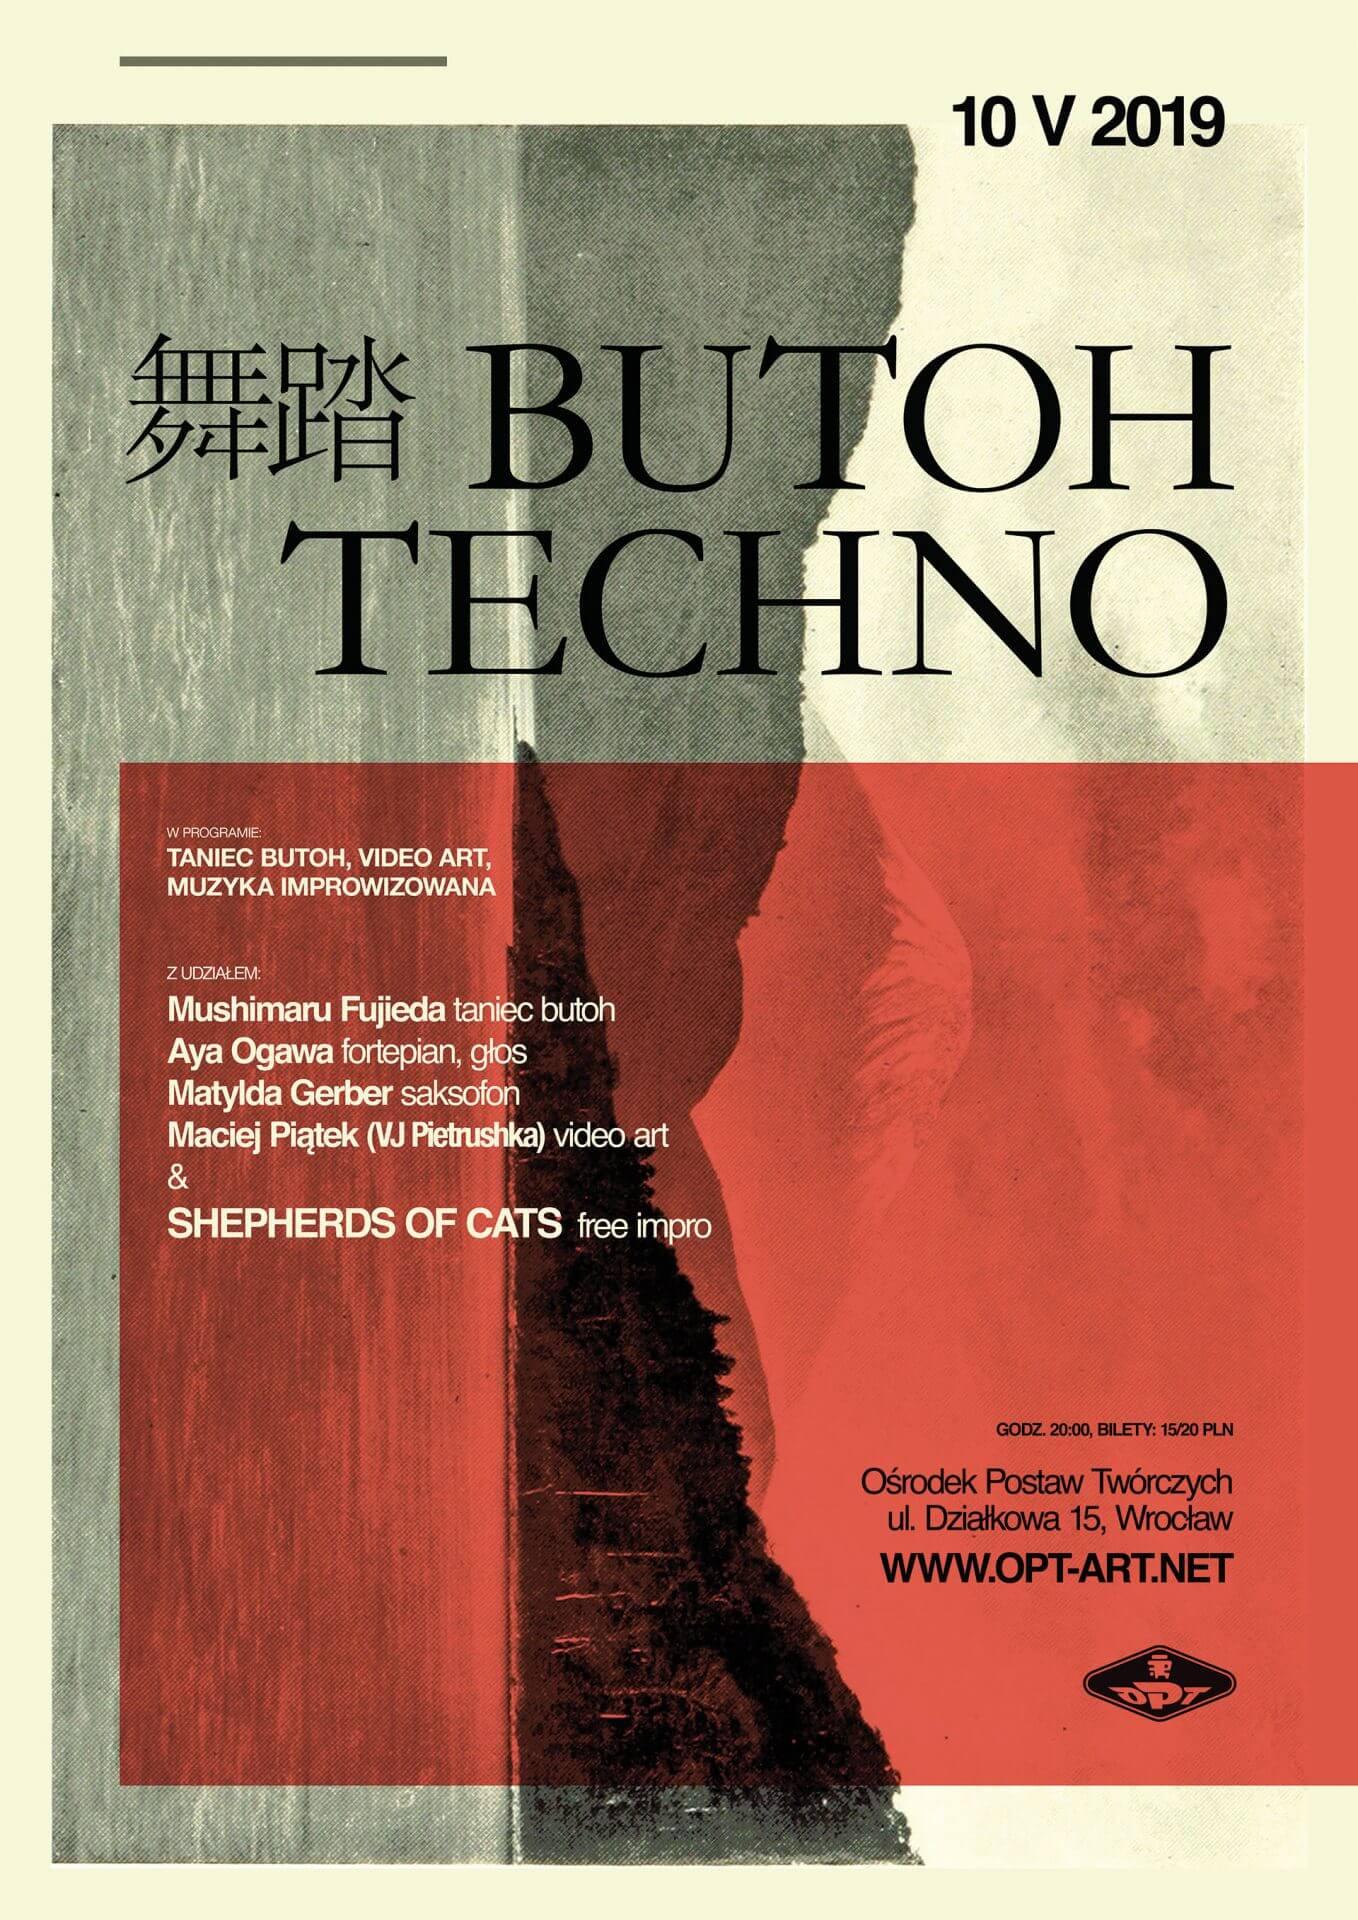 Butoh Techno – spektakl audiowizualny (10.05)